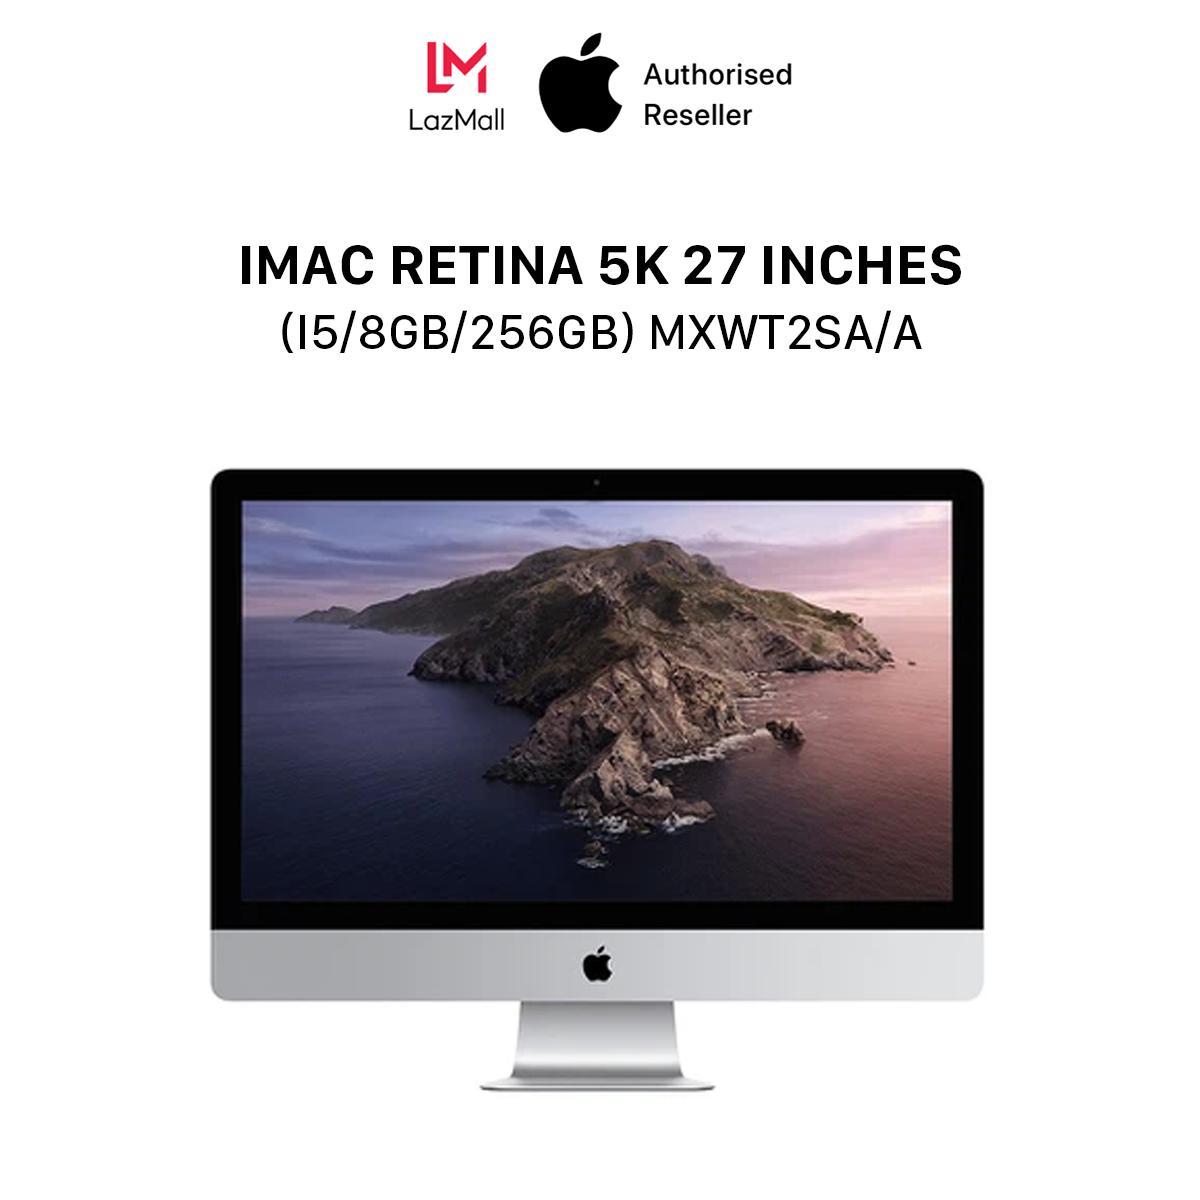 iMac Retina 5K (5120×2880) 27 inches (i5 6-core / 3.1GHz Turbo Boost up to 4.5GHz / 8GB / 256GB) l MXWT2SA/A l HÀNG CHÍNH HÃNG